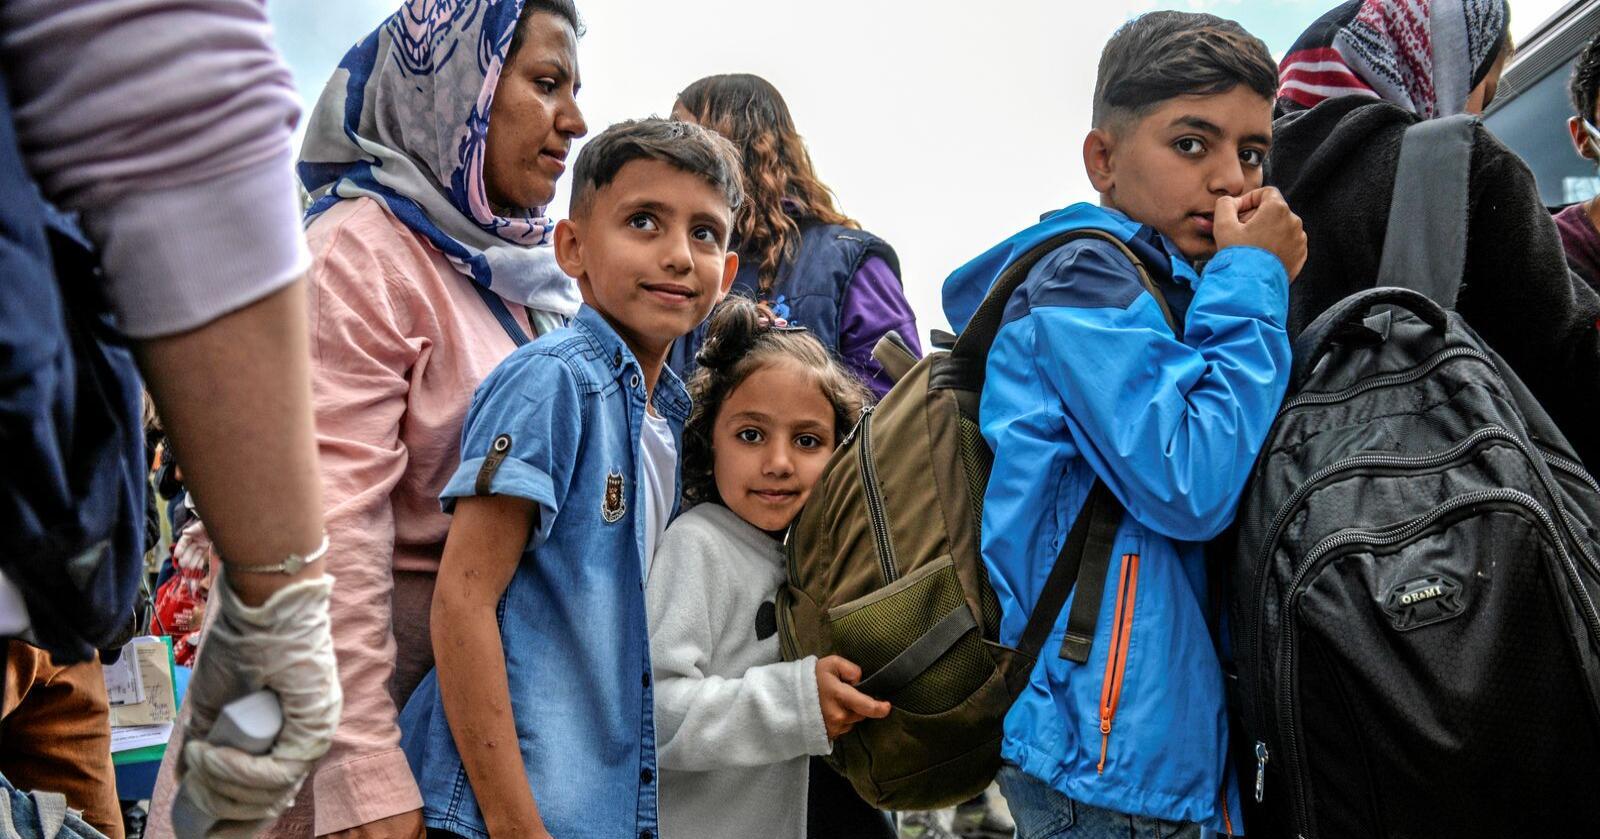 Flyktninger: Vi skal ta imot noen barn fra Lesvos, men bare hvis 8-10 andre land gjør det, skriver innsenderen. Foto: Panagiotis Balaskas / AP / NTB scanpix